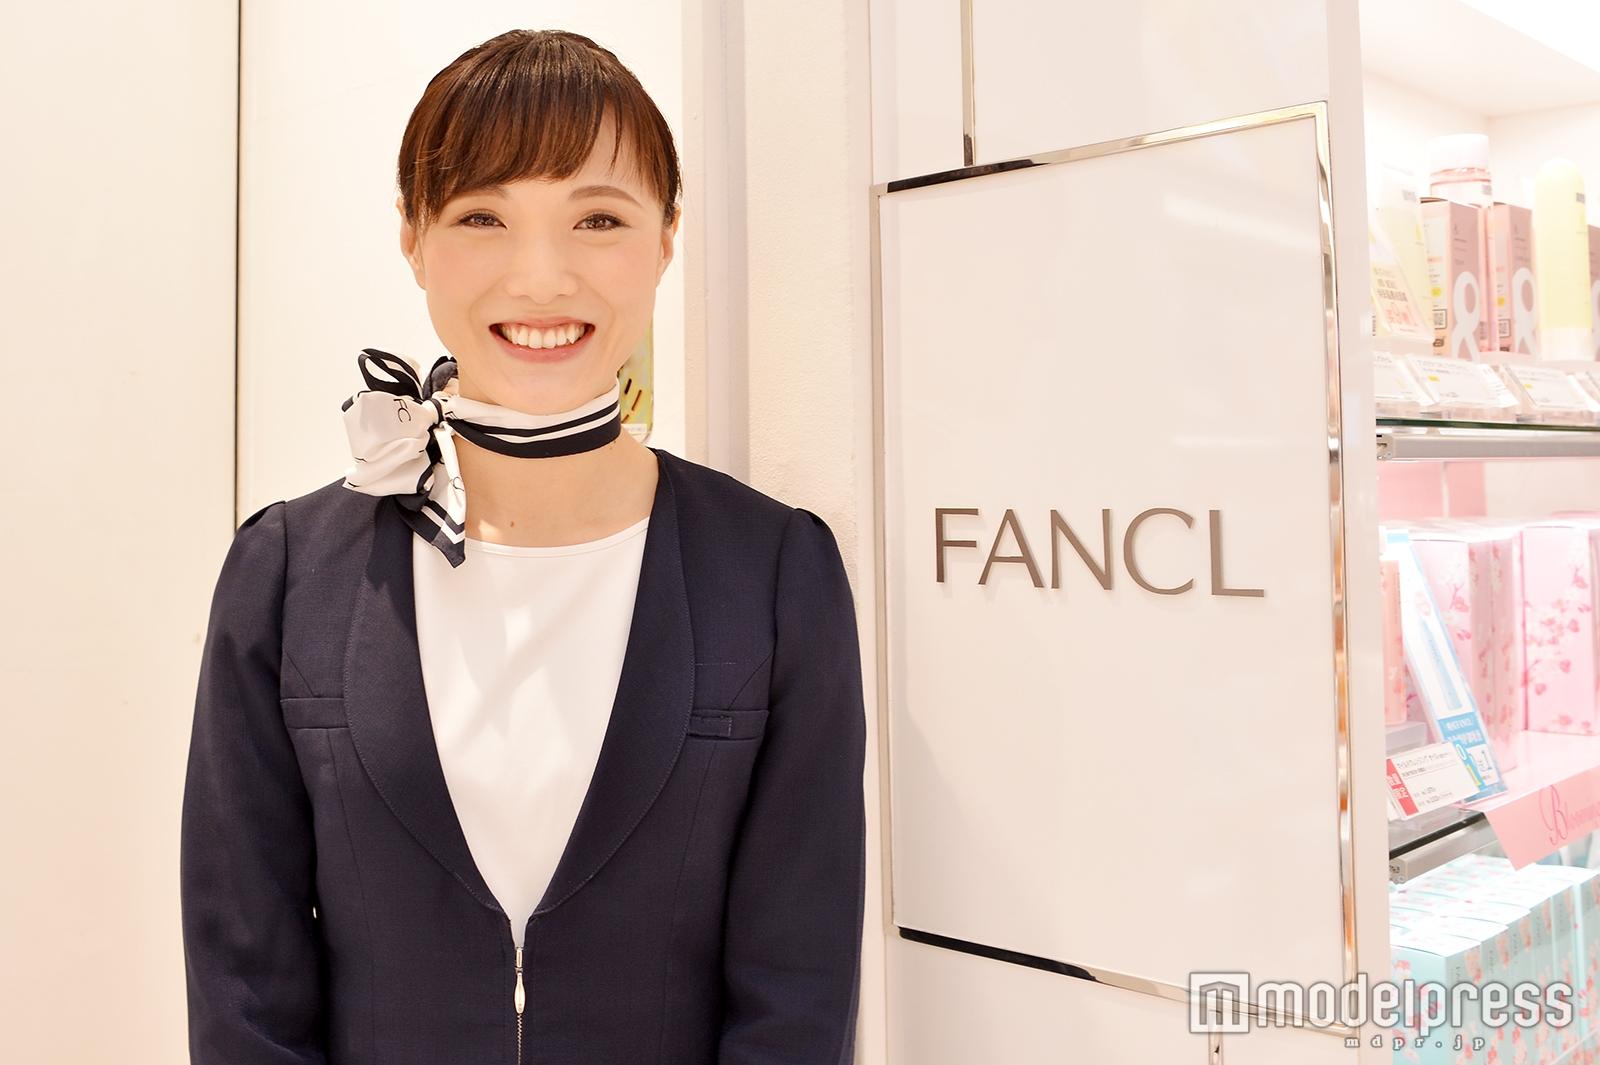 「FANCL」店長の岩本香理さん(C)モデルプレス